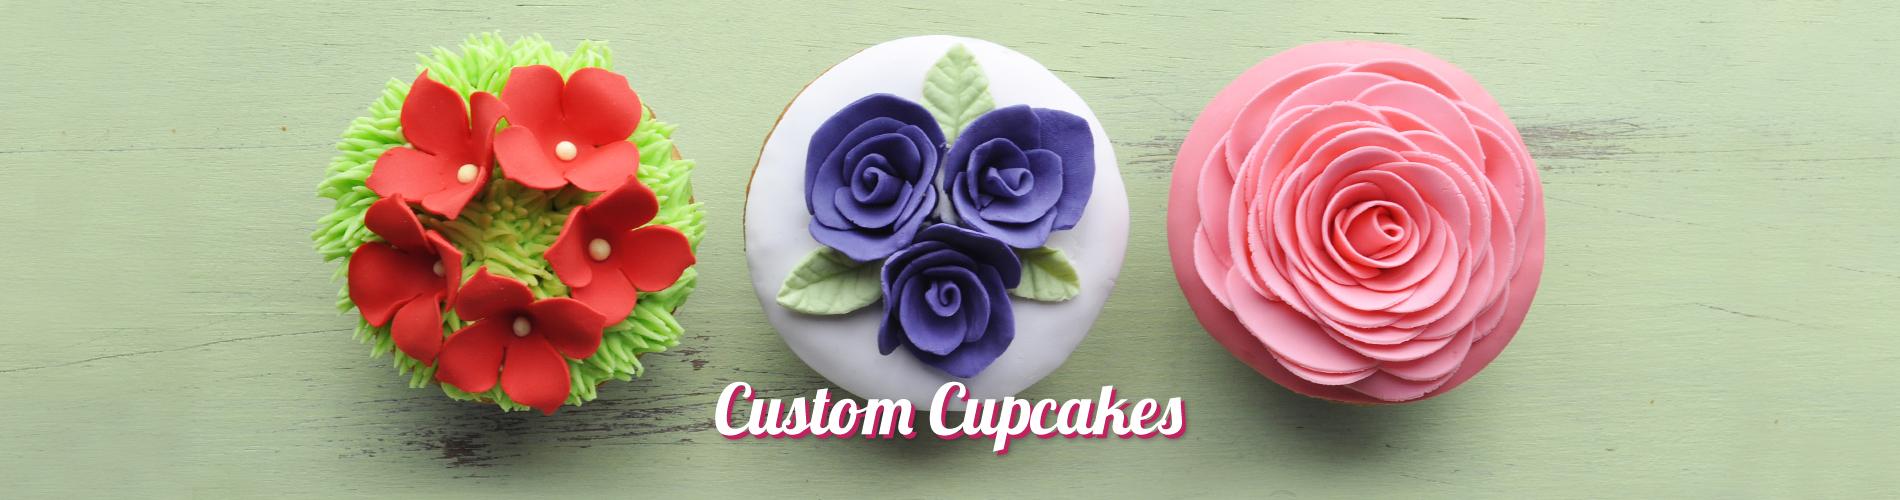 CustCupcakes-SweetPeaSlider-1215